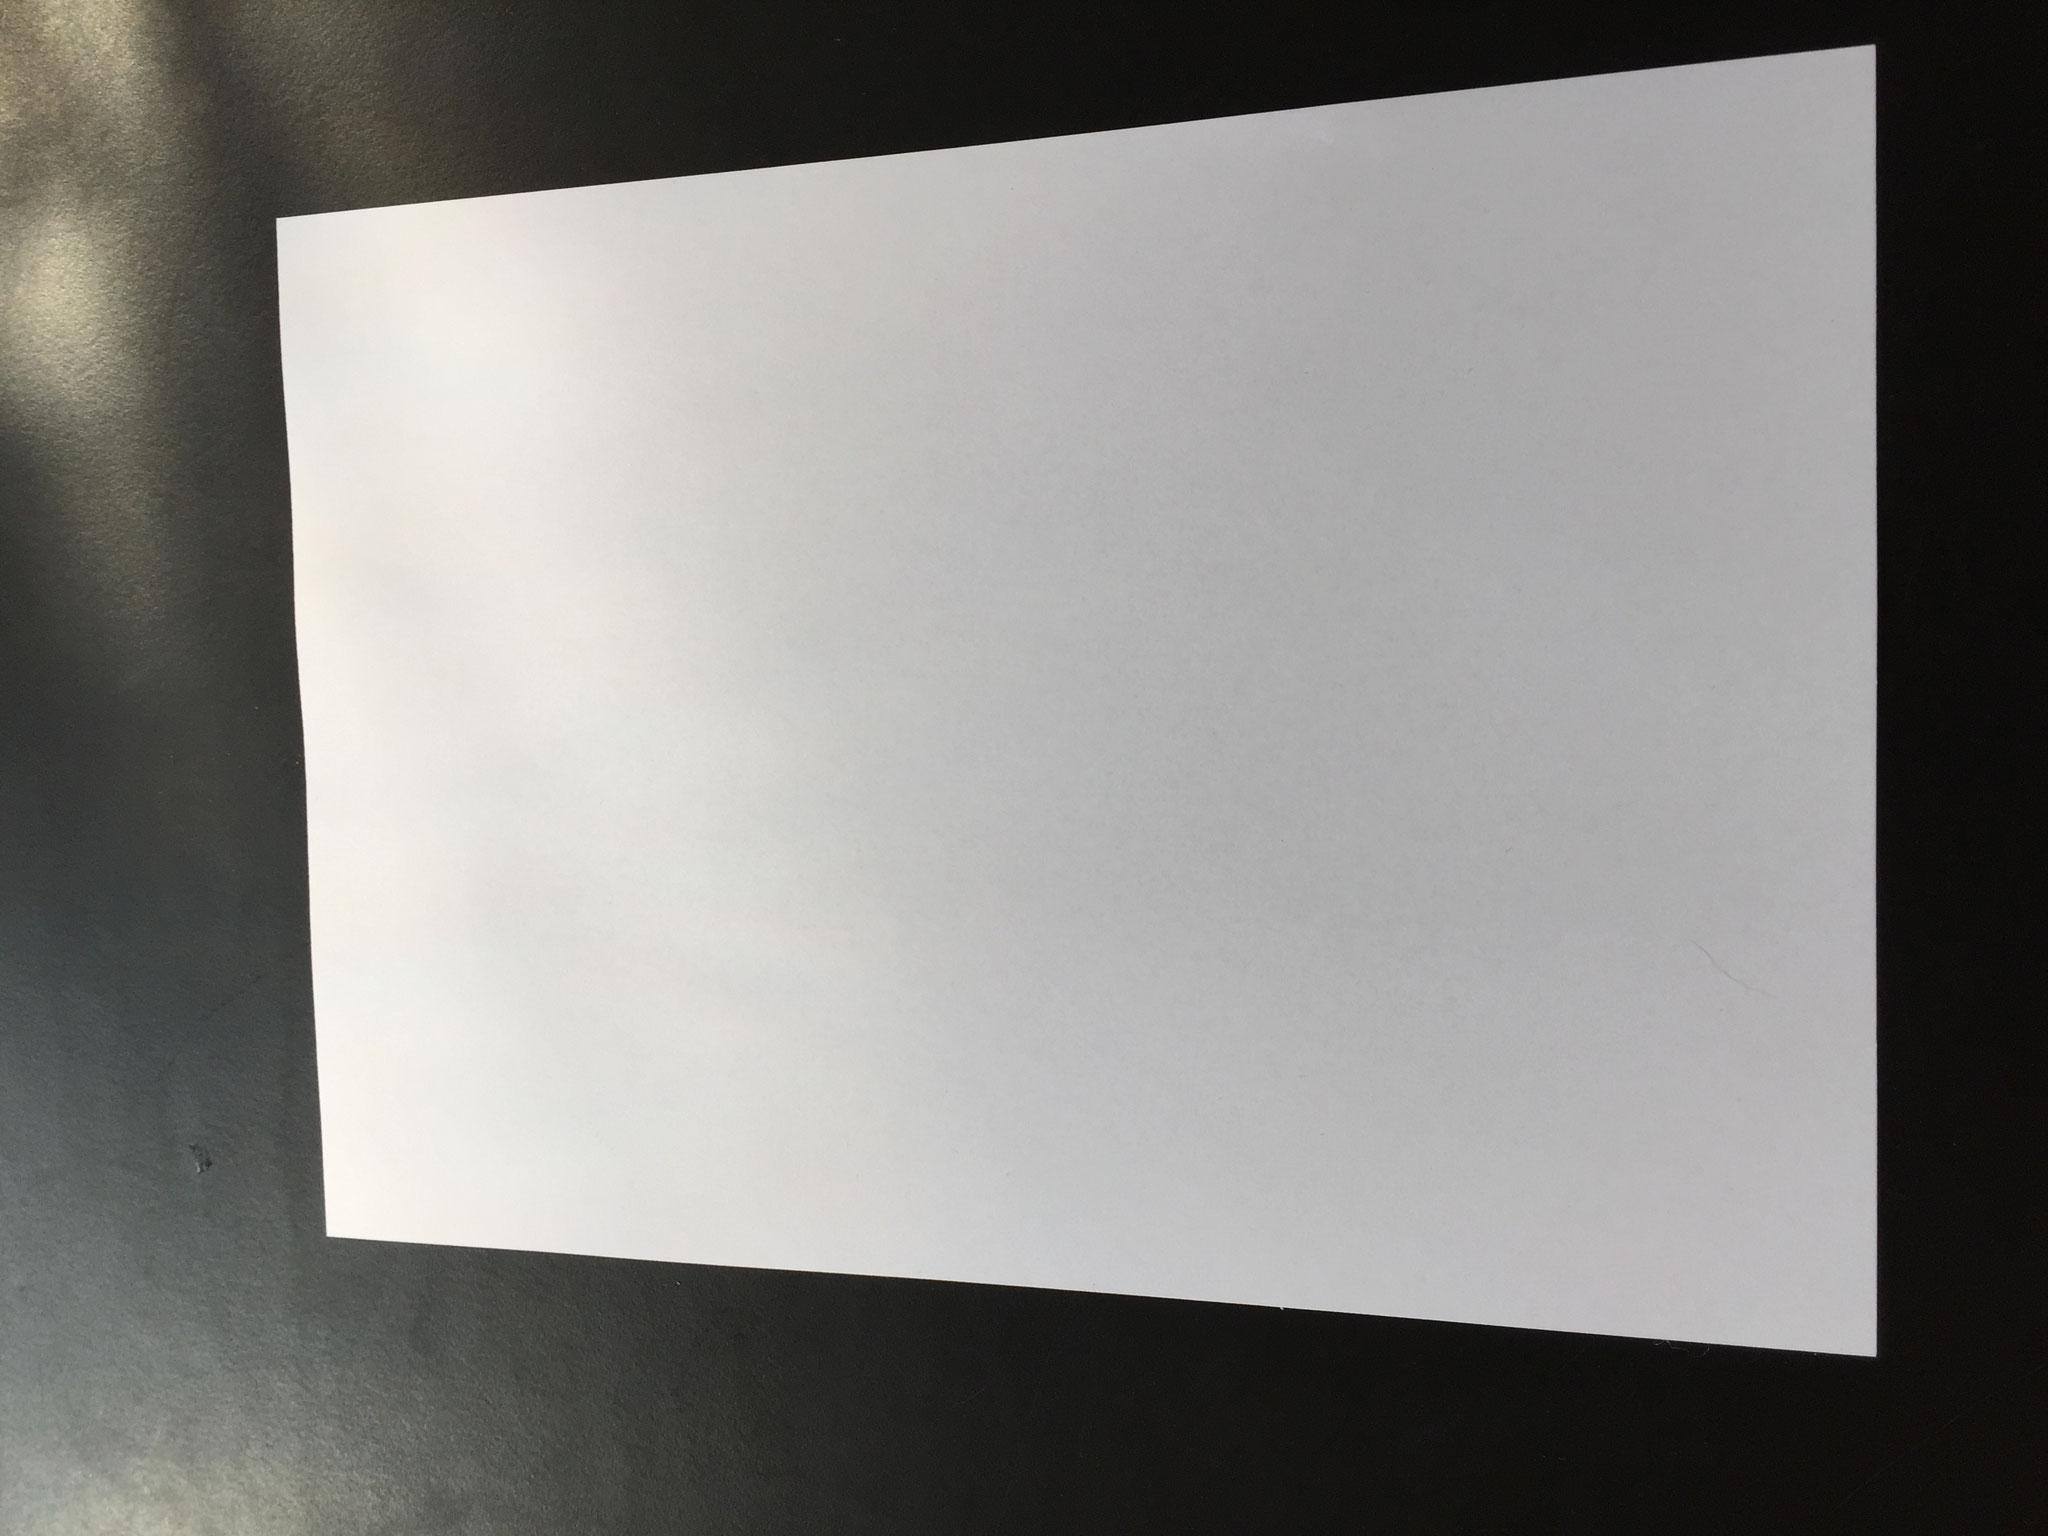 Nimm ein Blatt Papier, am besten A4, ausser du willst ein Riesenschiff, dann nimm A3.